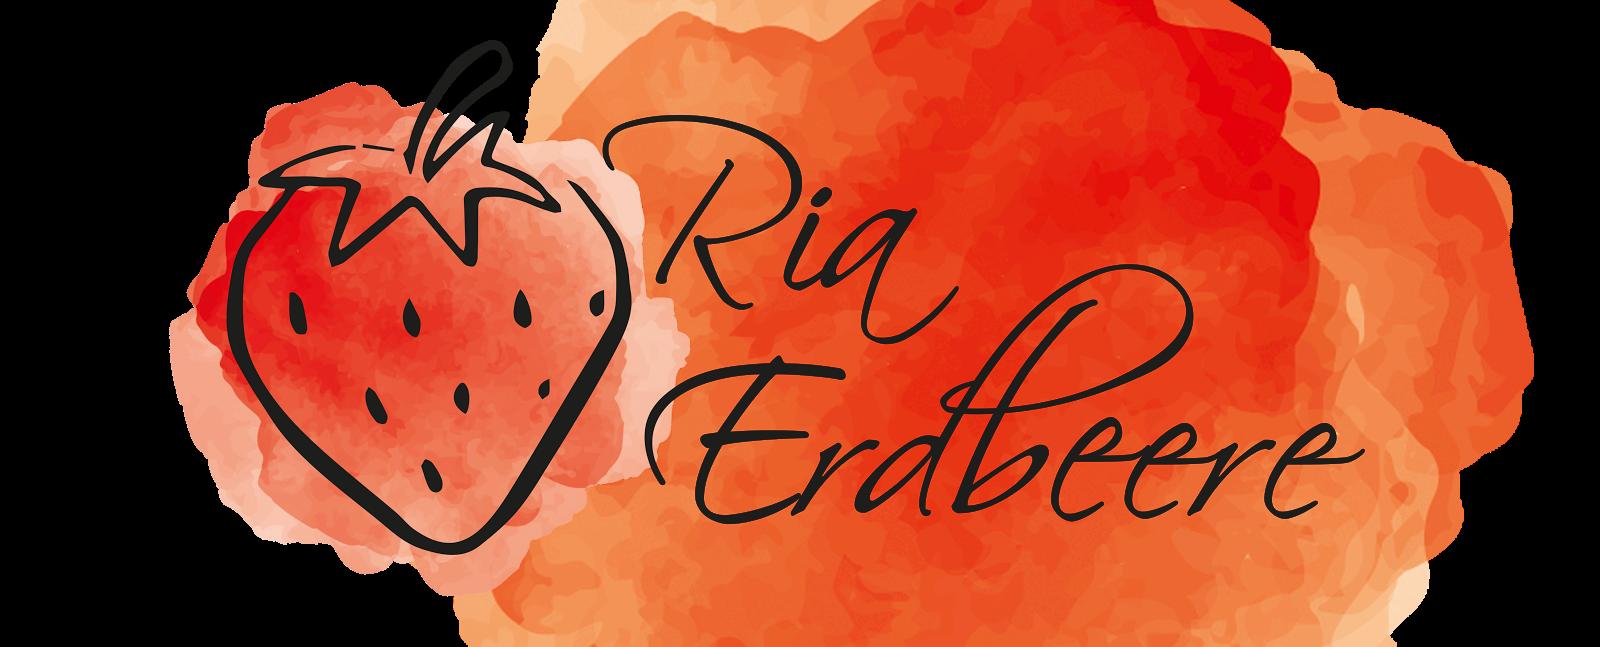 Ria Erdbeere